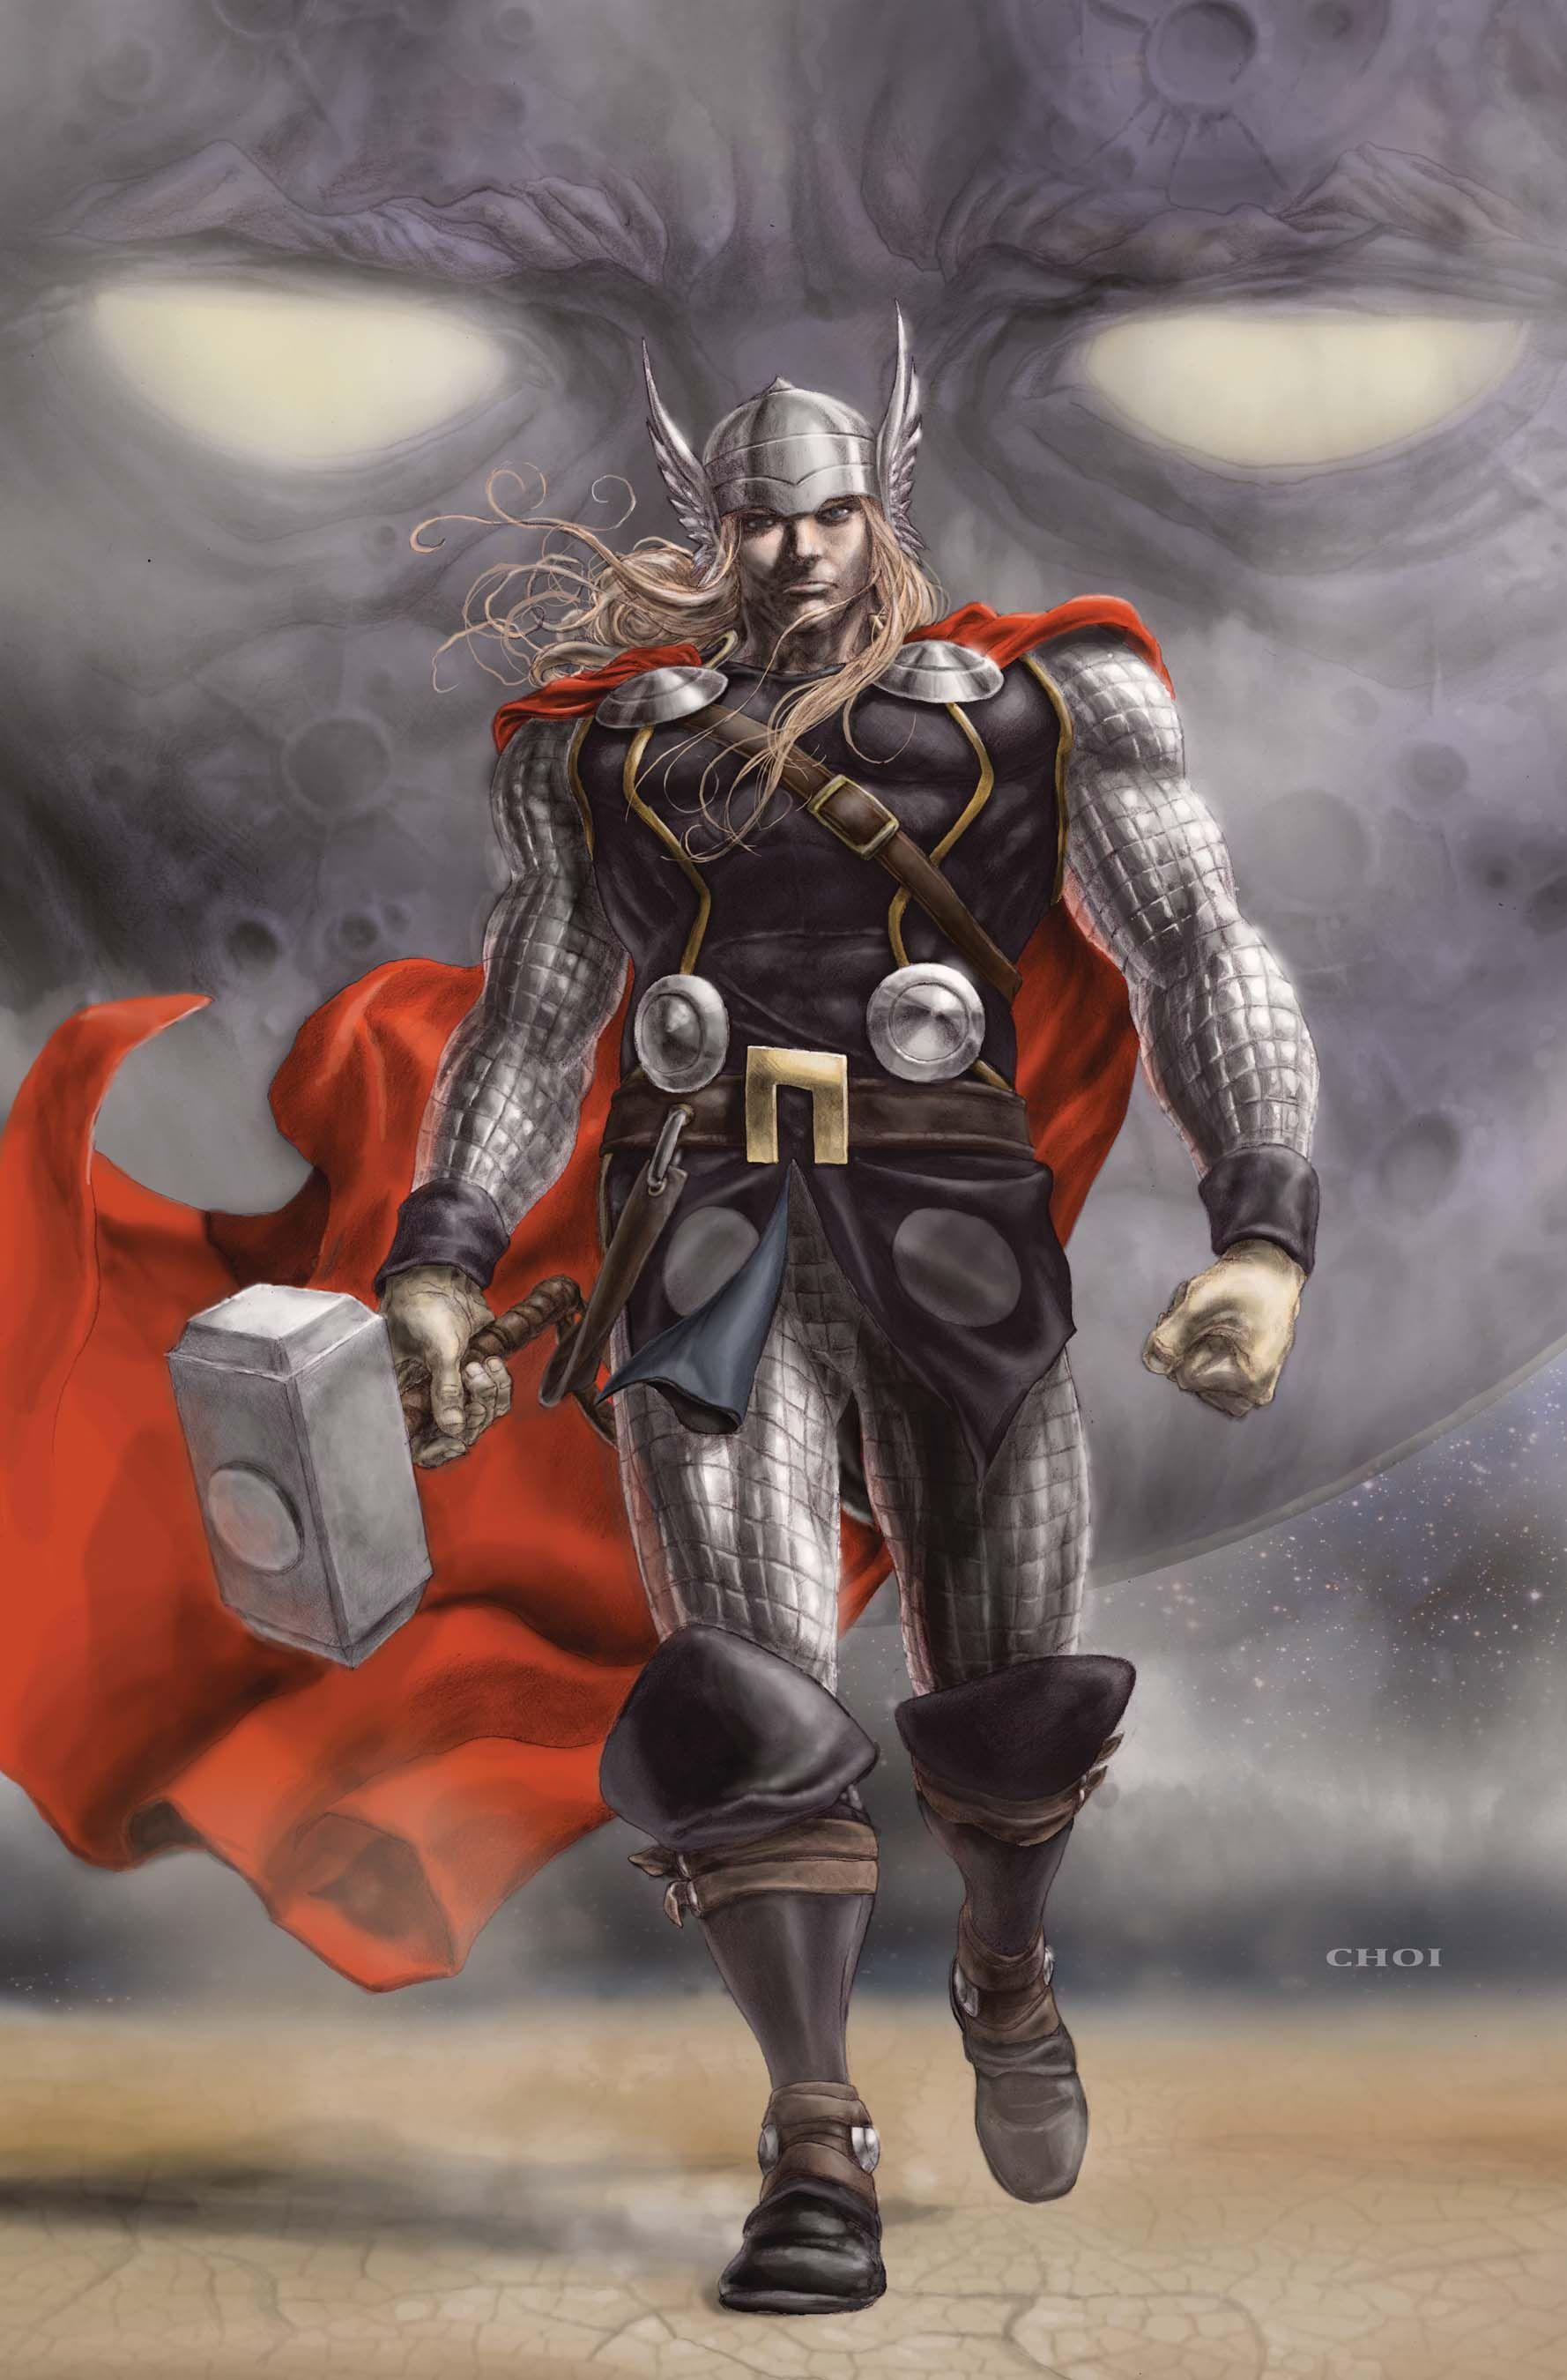 #Thor #Fan #Art. (Thor) By: Mike Choi. (THE * 5 * STÅR * ÅWARD * OF: * AW YEAH, IT'S MAJOR ÅWESOMENESS!!!™)[THANK Ü 4 PINNING!!!<·><]<©>ÅÅÅ+(OB4E)